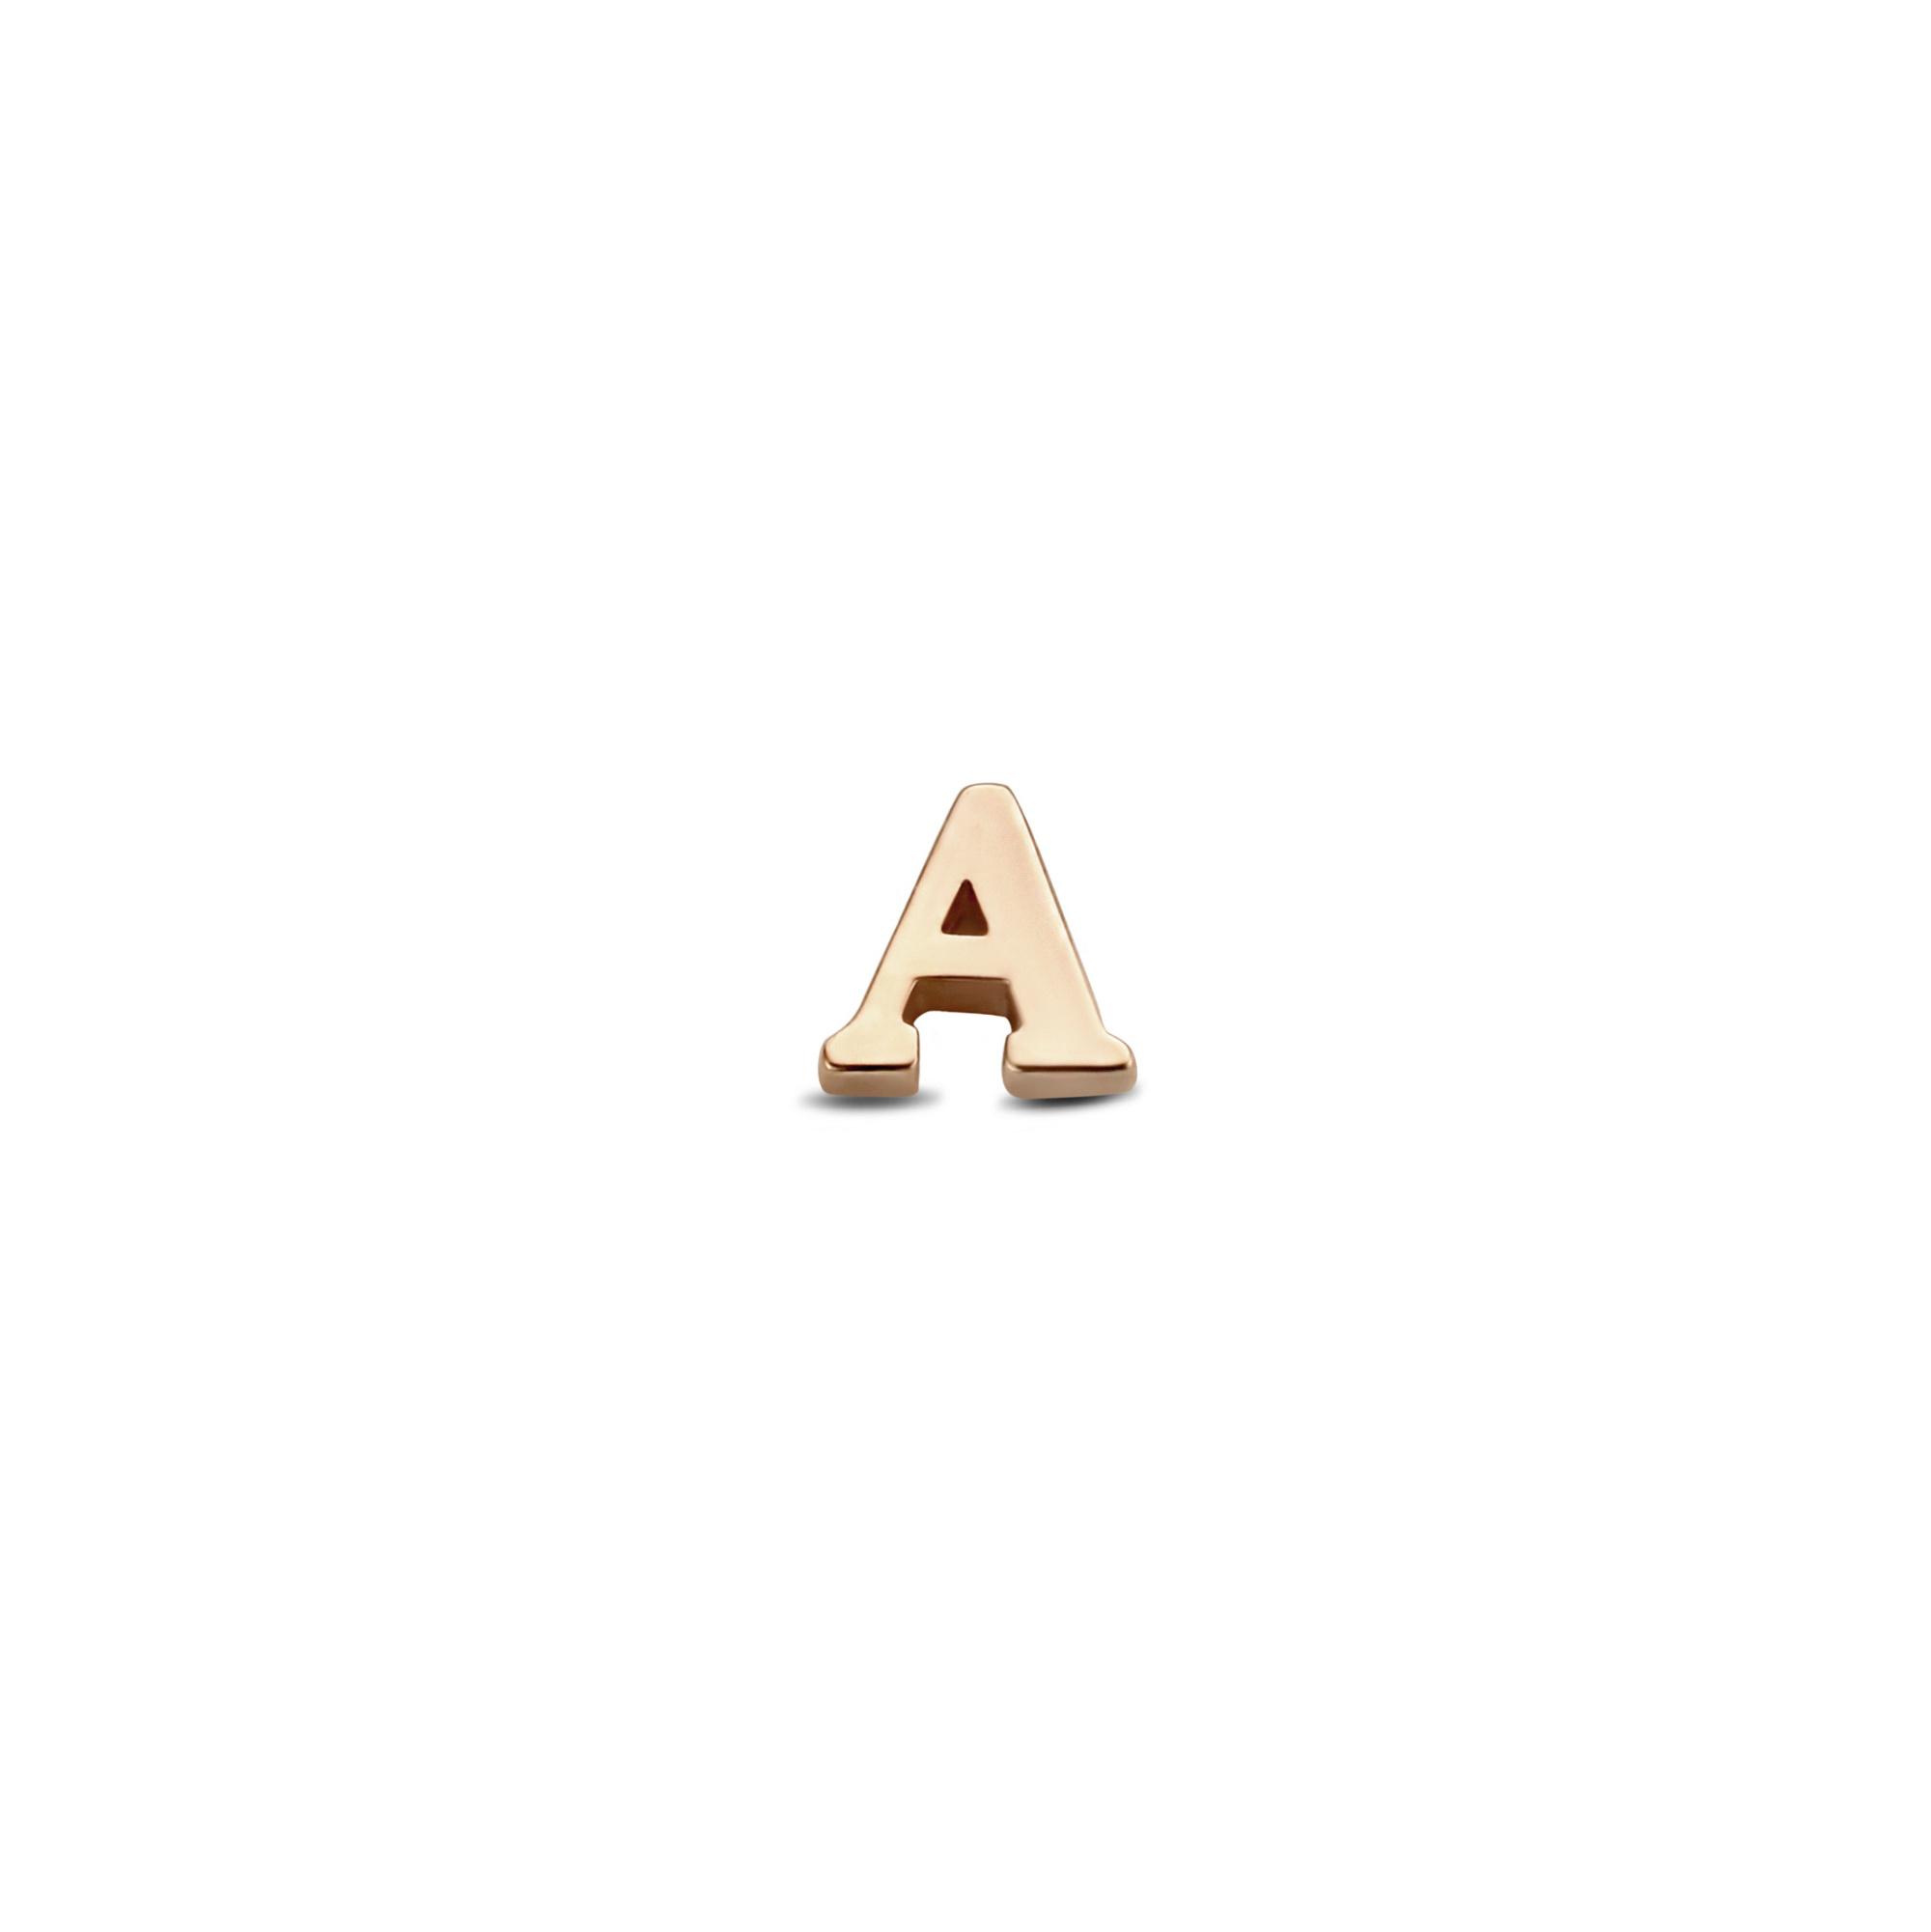 Isabel Bernard La Concorde Guillaine clous d'oreilles initiale en or rose 14 carats